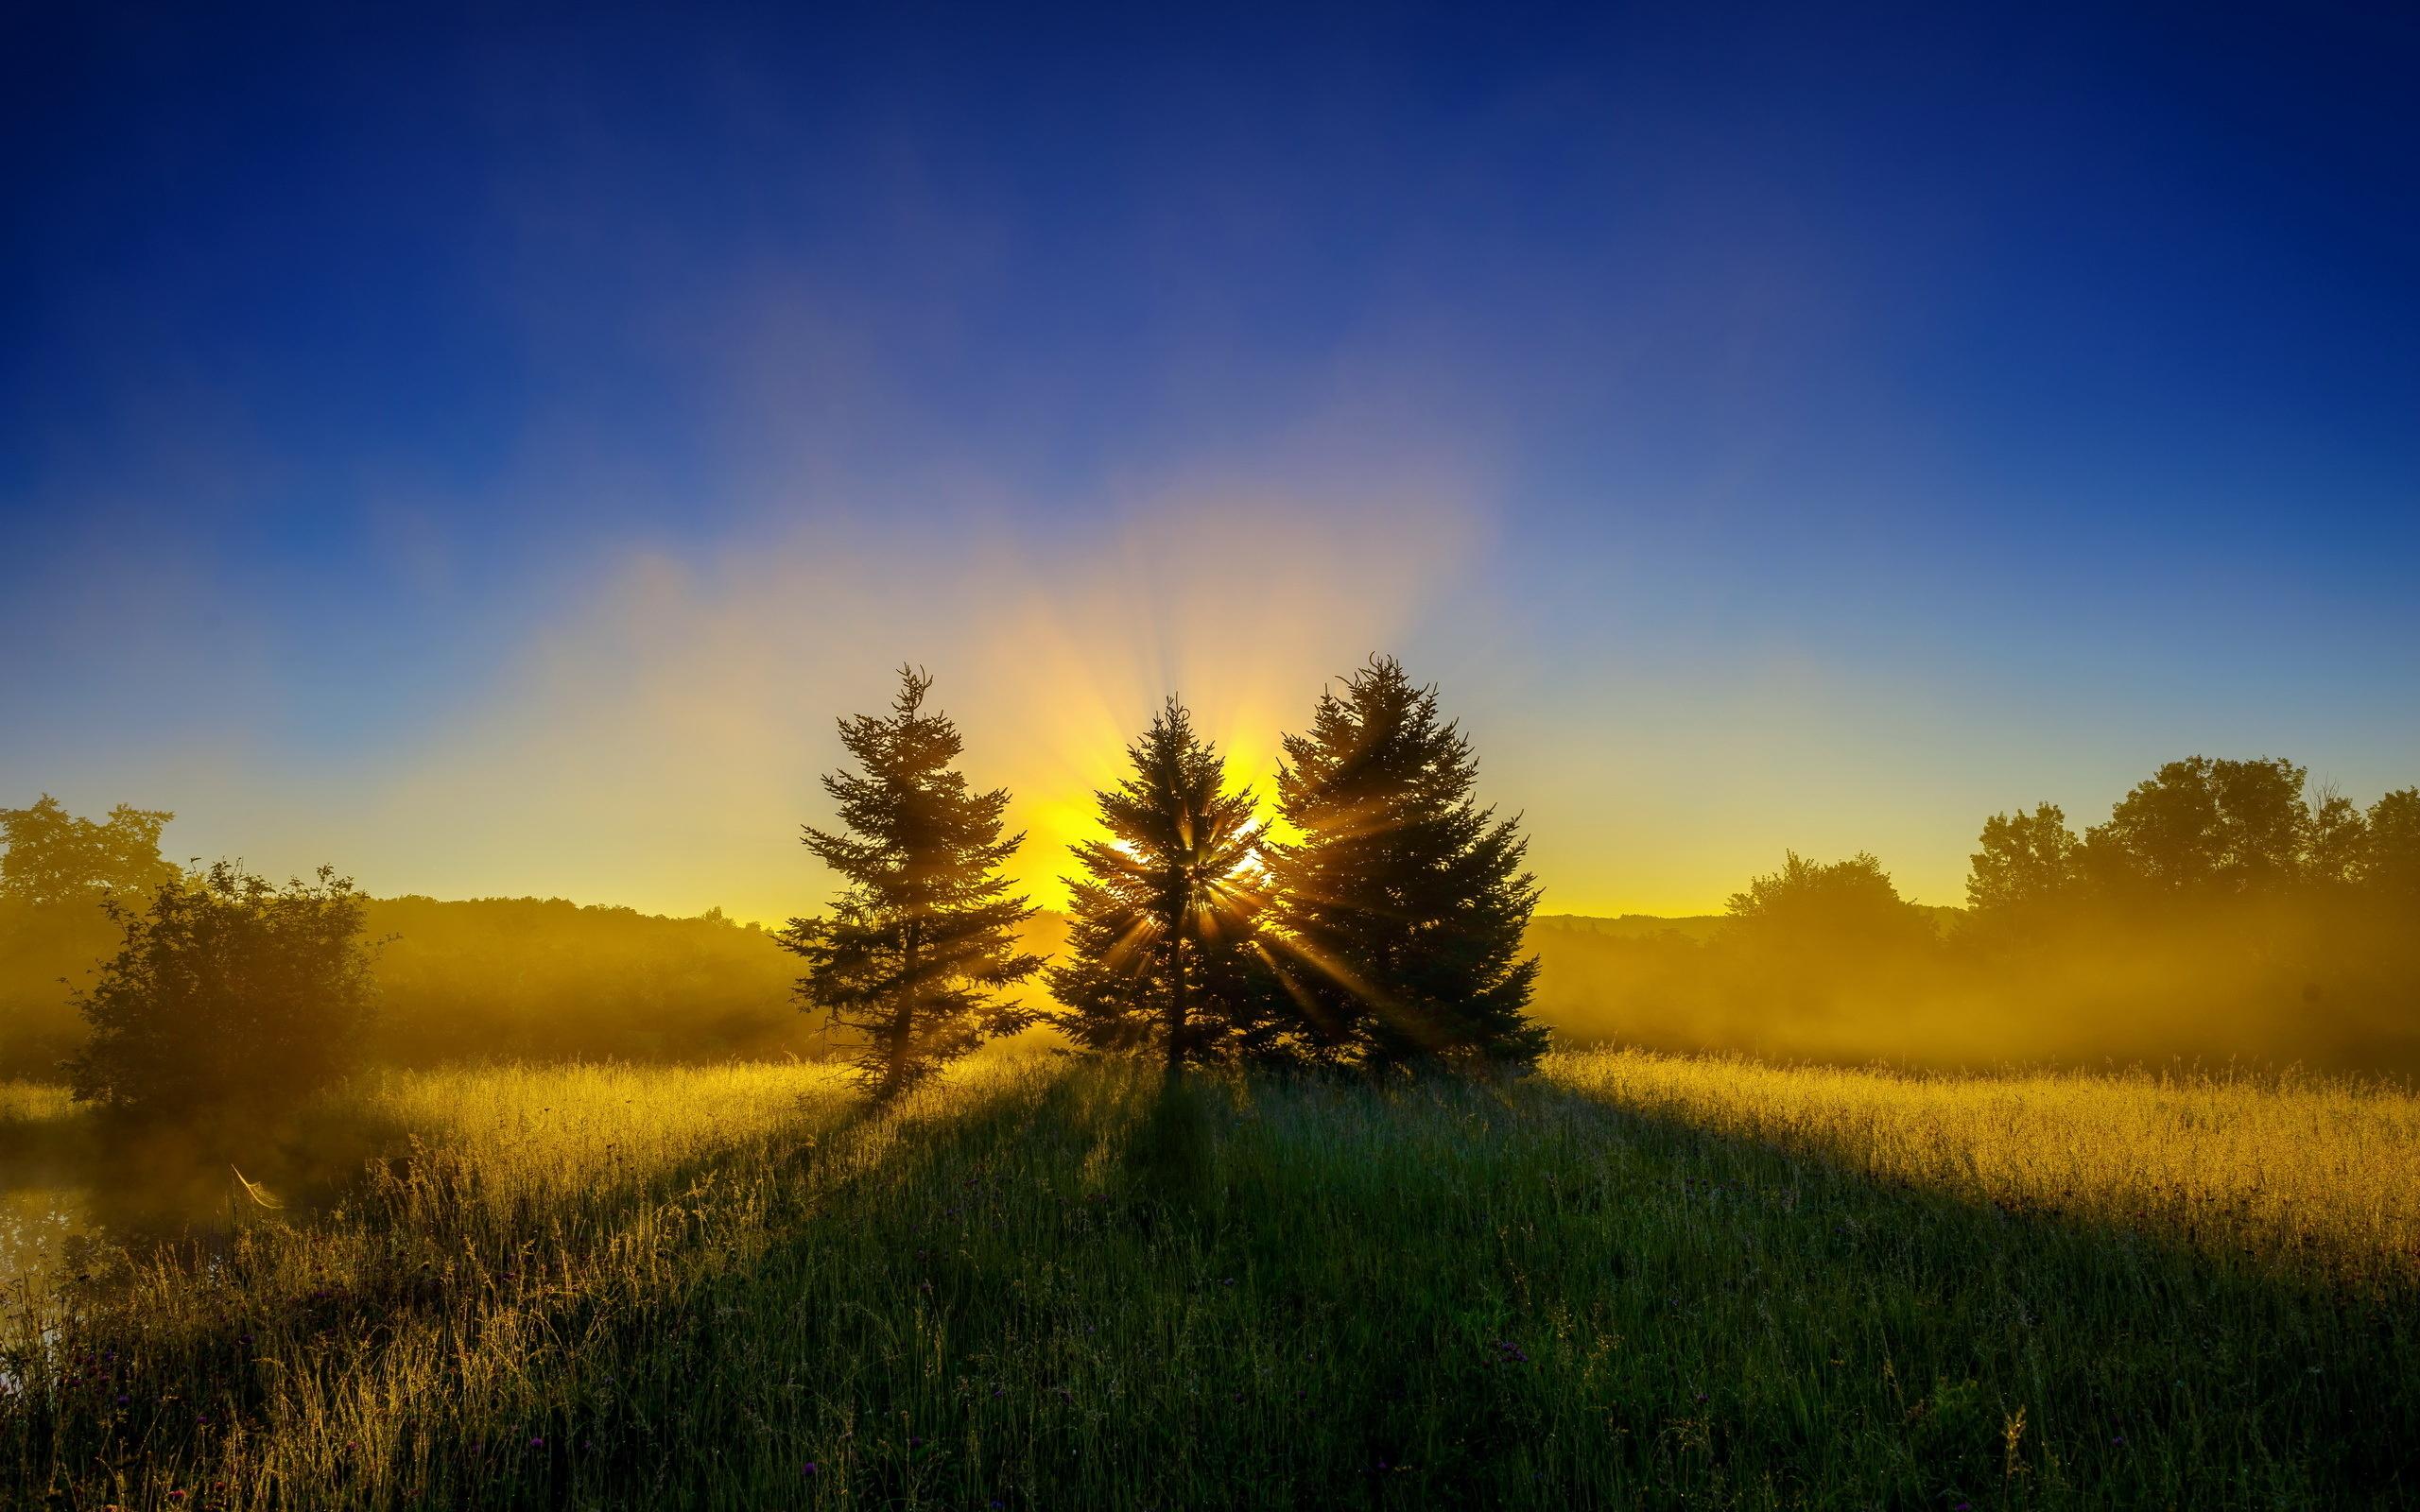 Картинка: Лето, ёлочки, три, хвоя, лес, трава, поле, горизонт, вечер, закат, тень